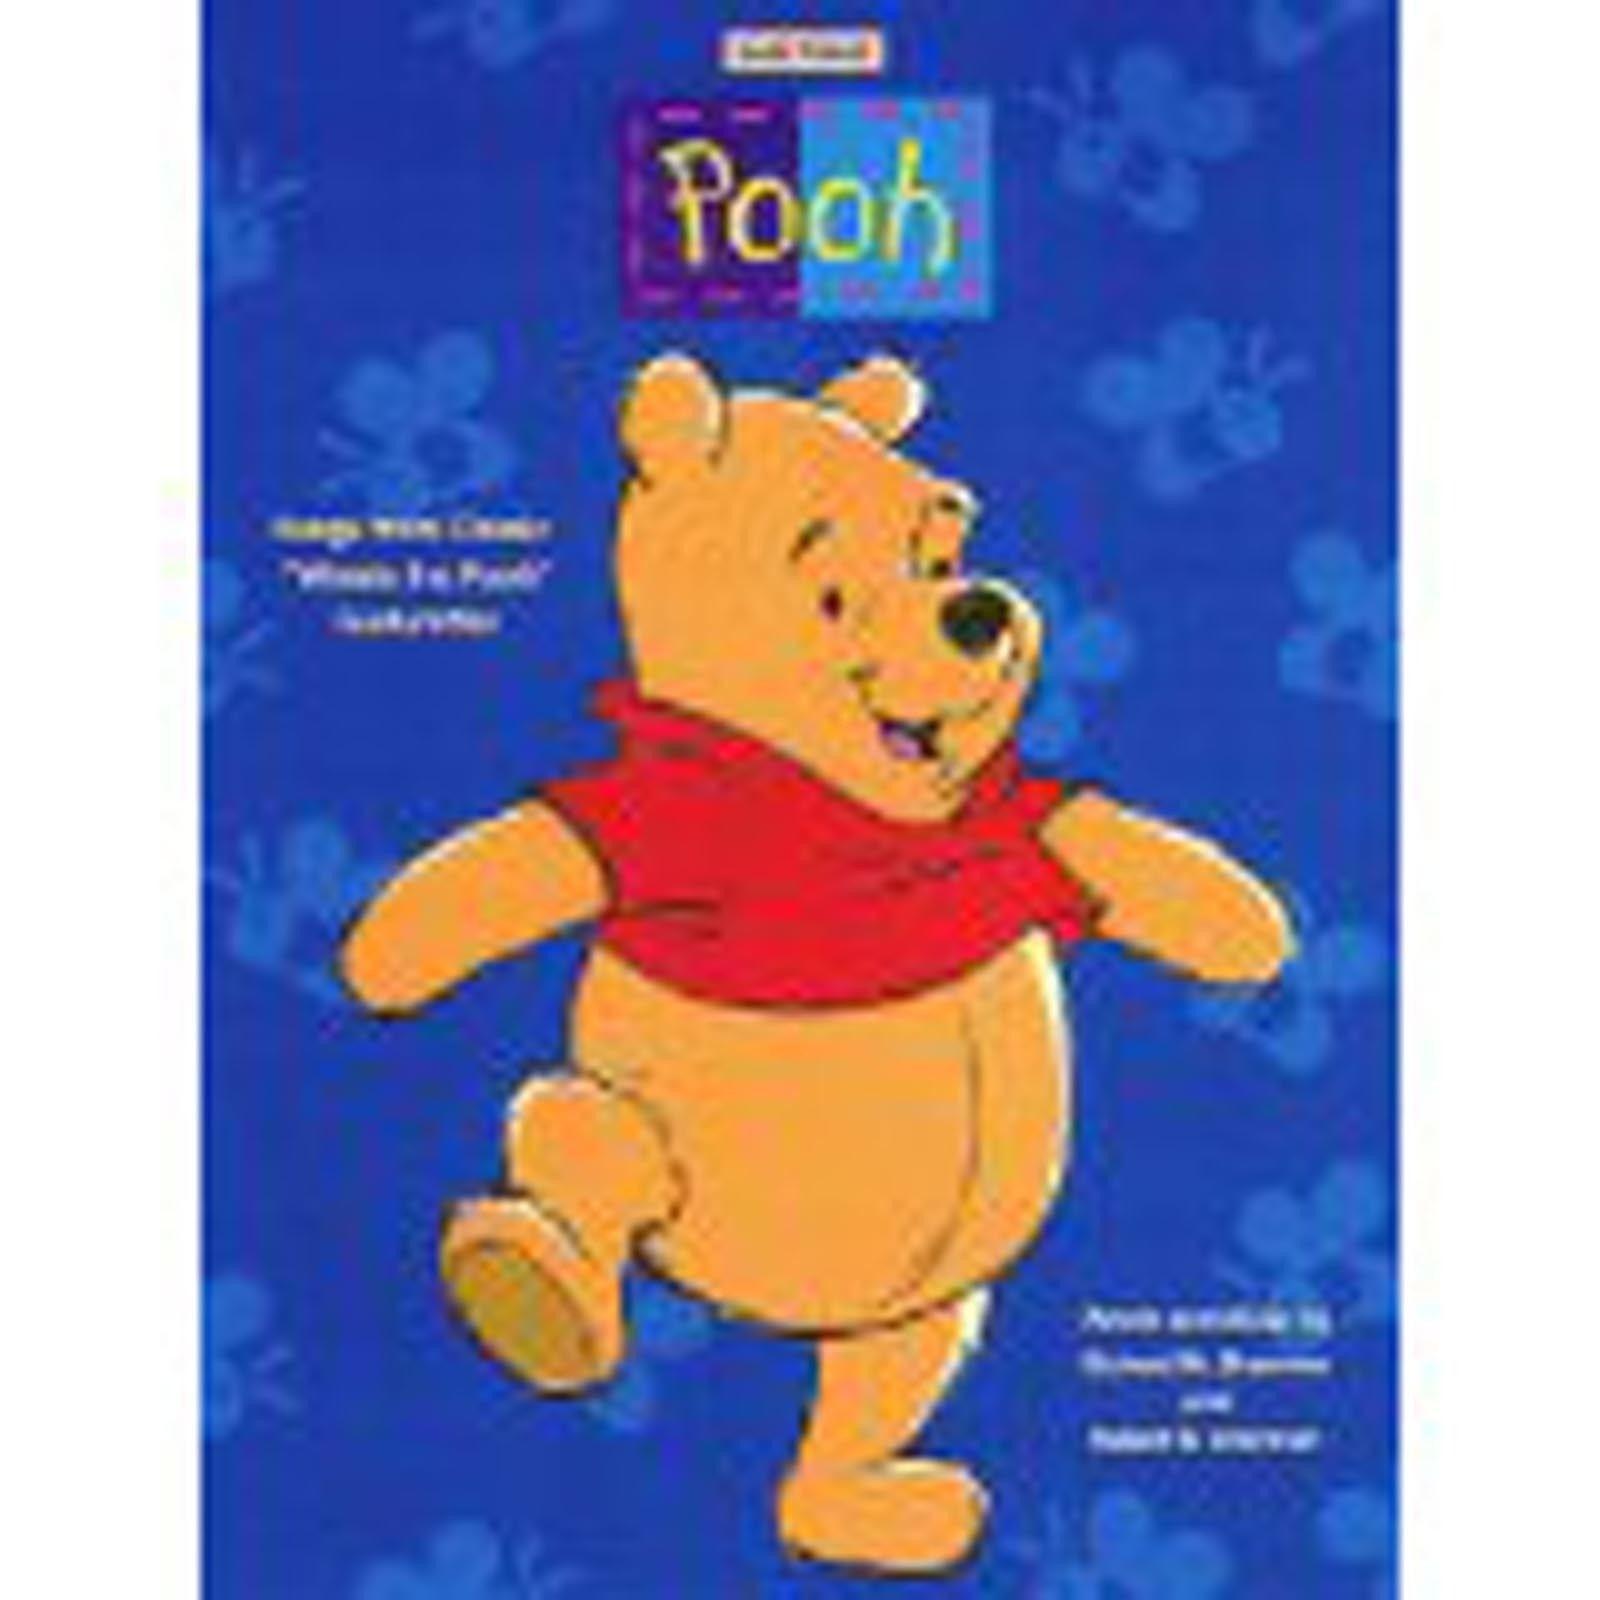 Pooh Winnie the Pooh Easy Piano Book by Sherman & Sherman Pub Hal Leonard B30